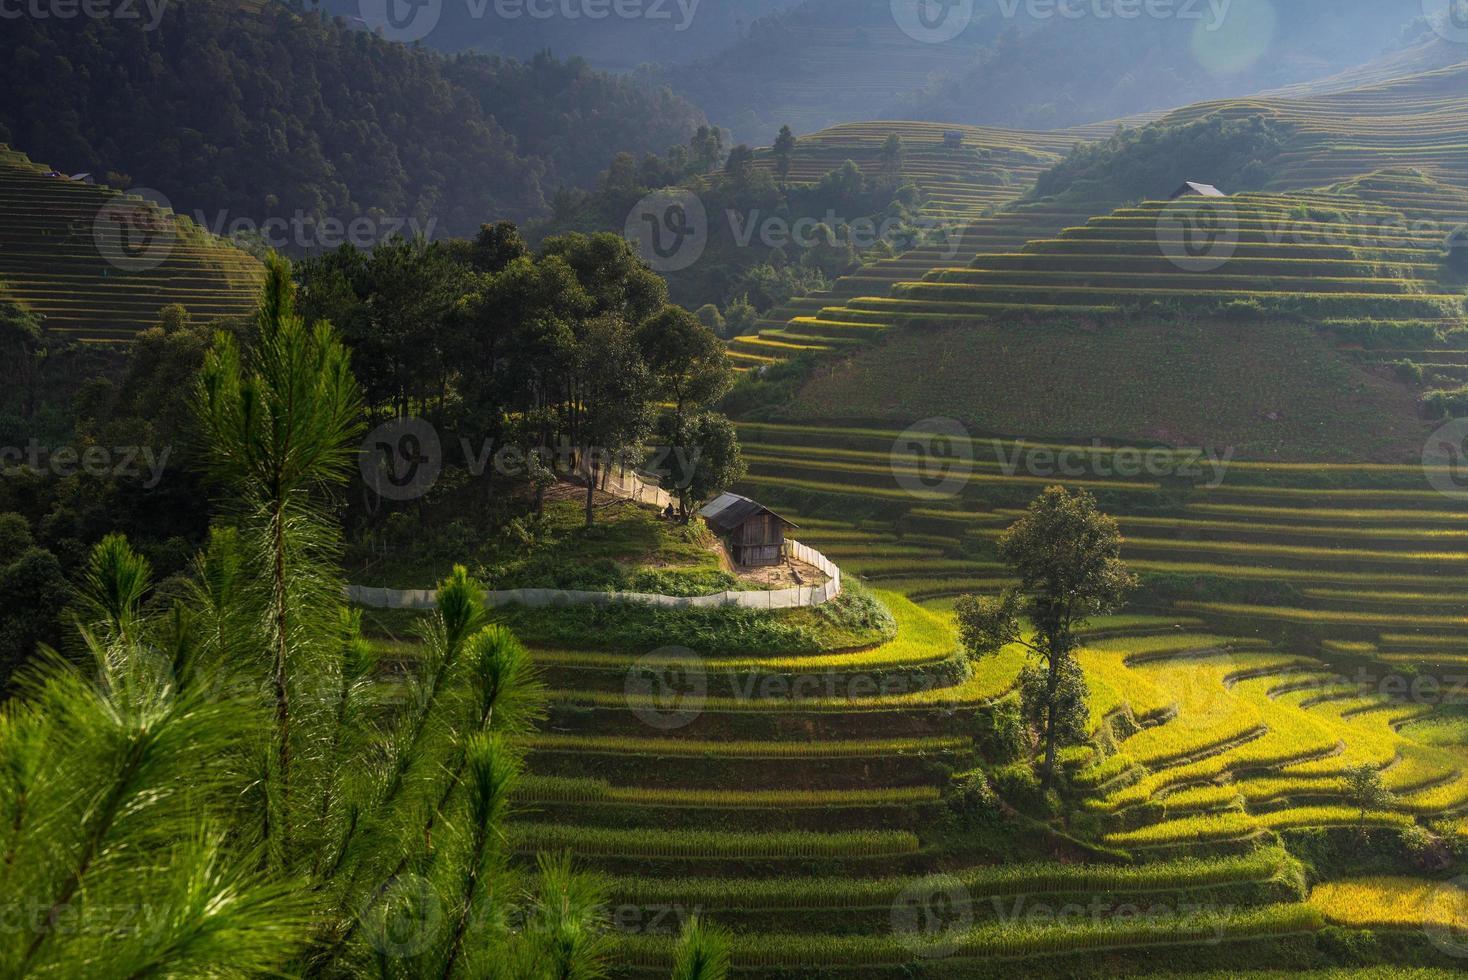 campos de arroz em terraços no Vietnã foto